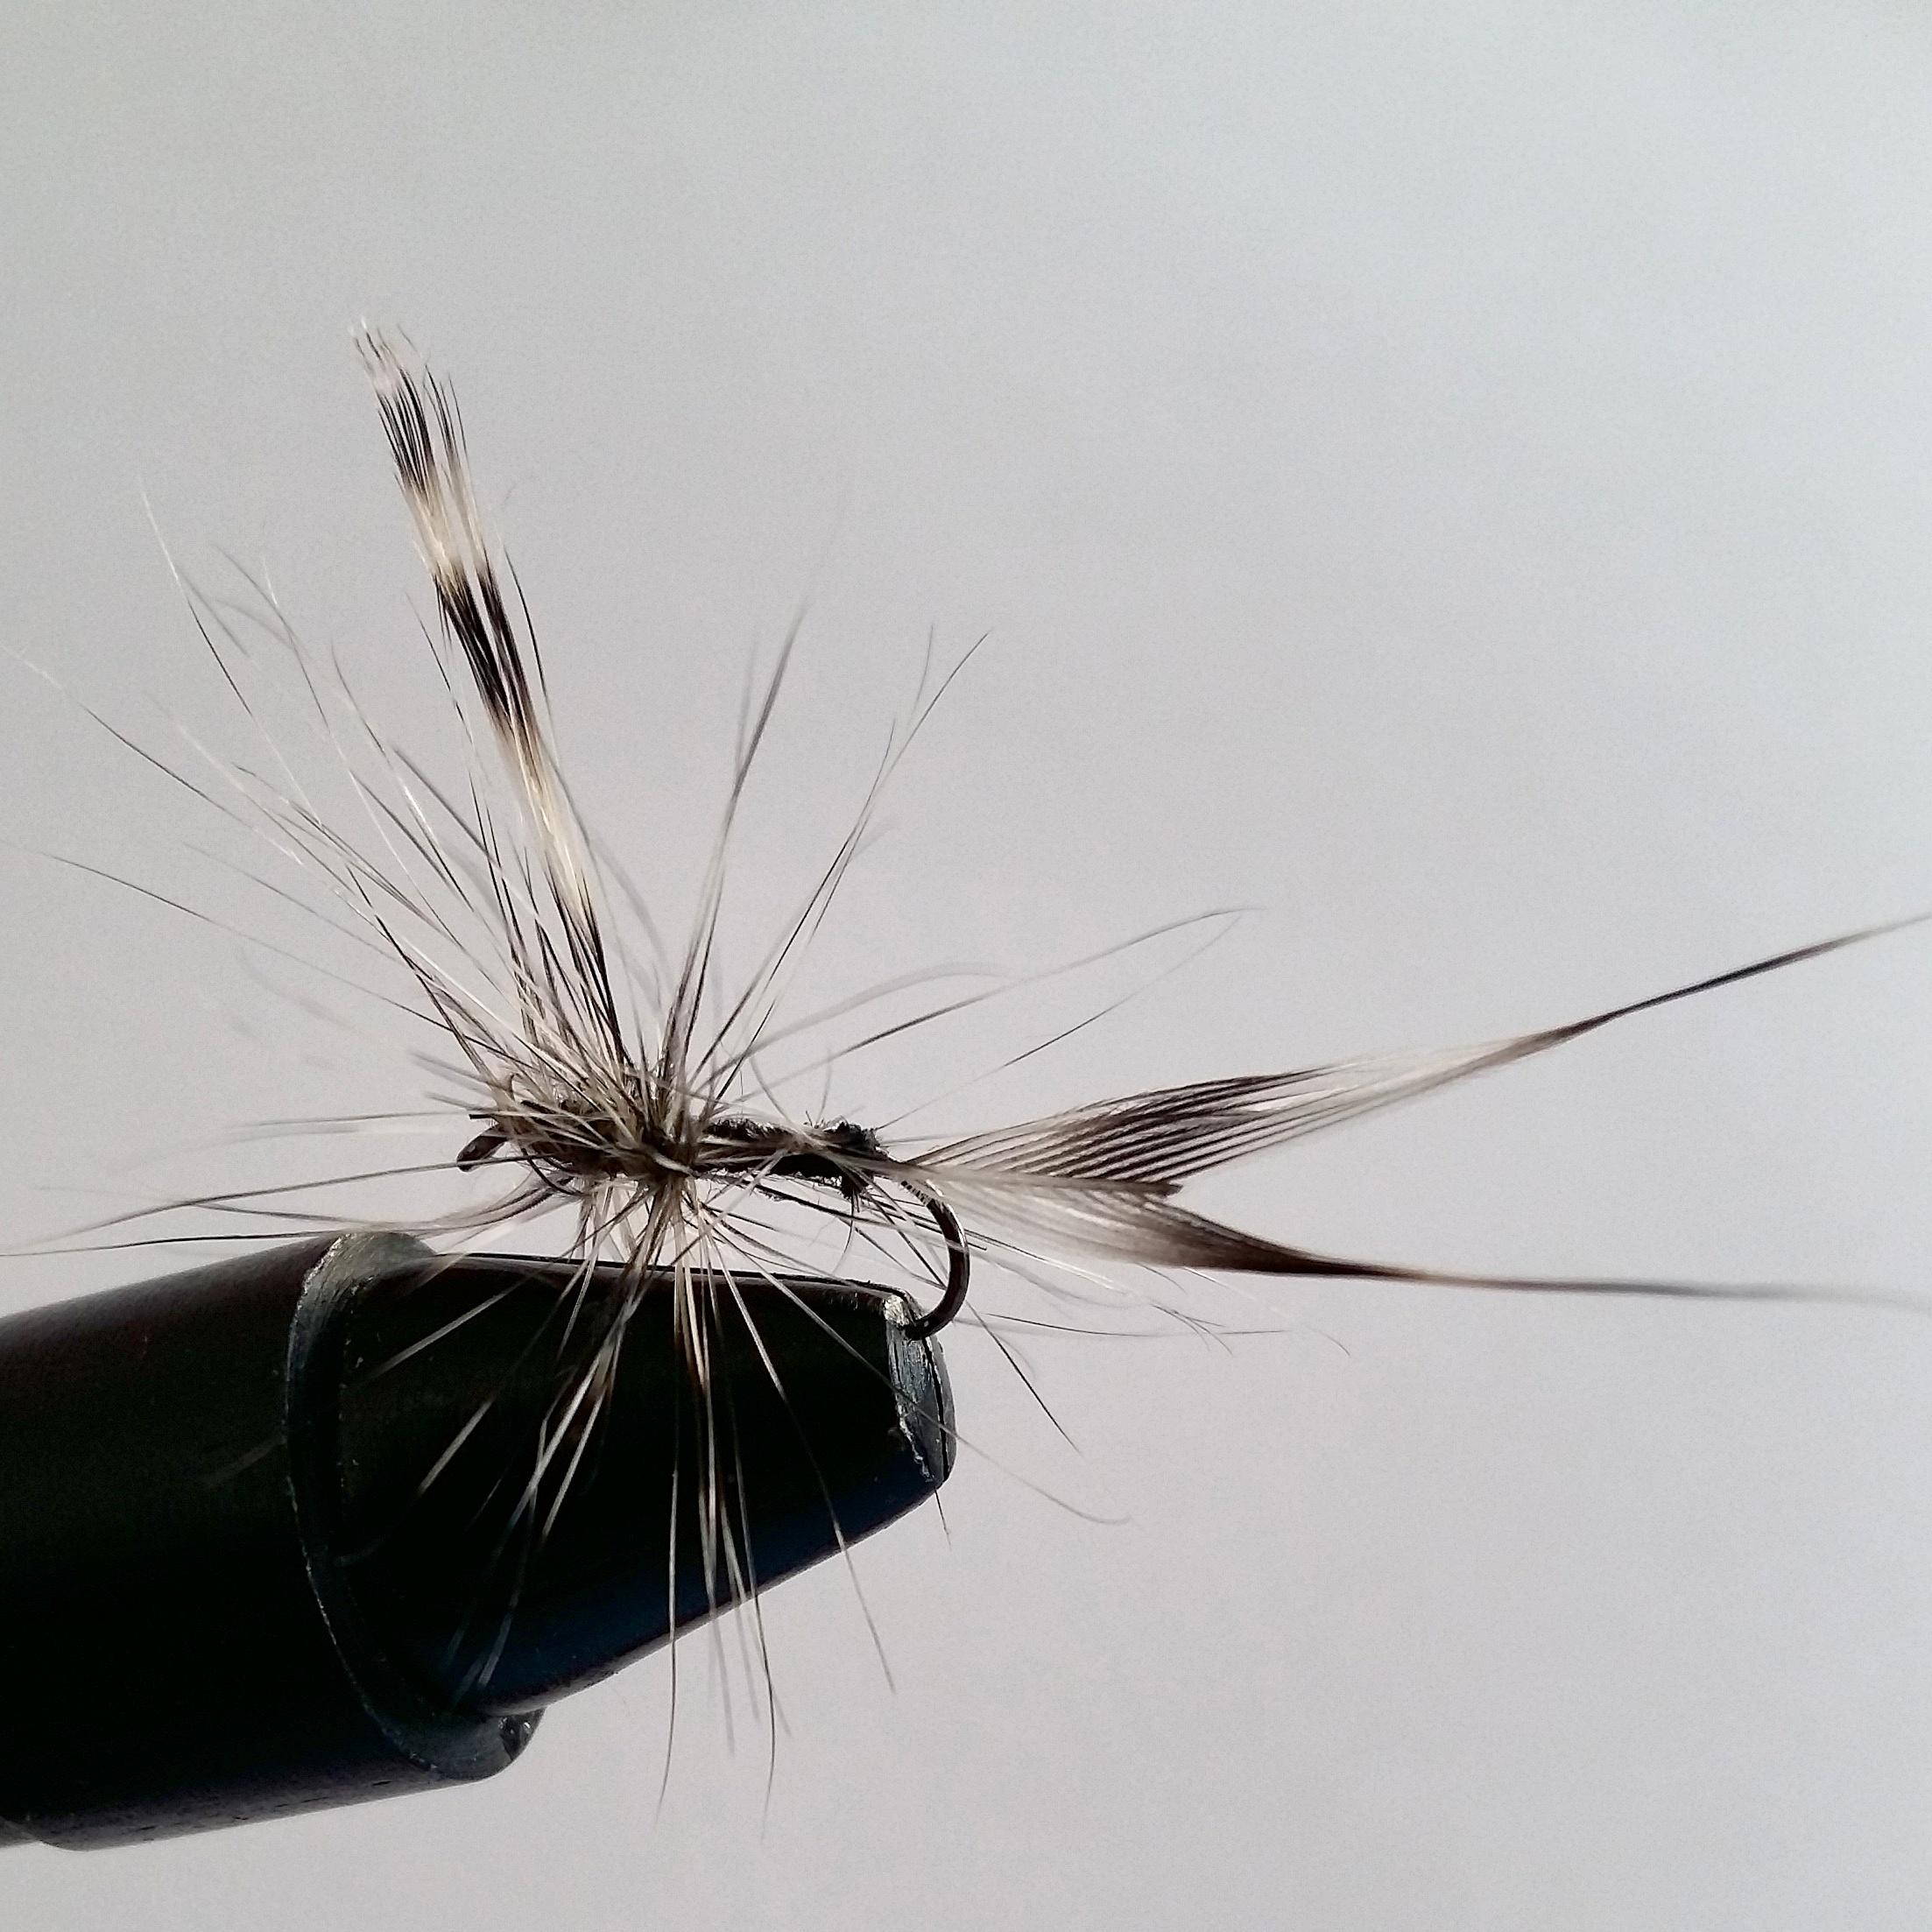 flyfishing LM 05